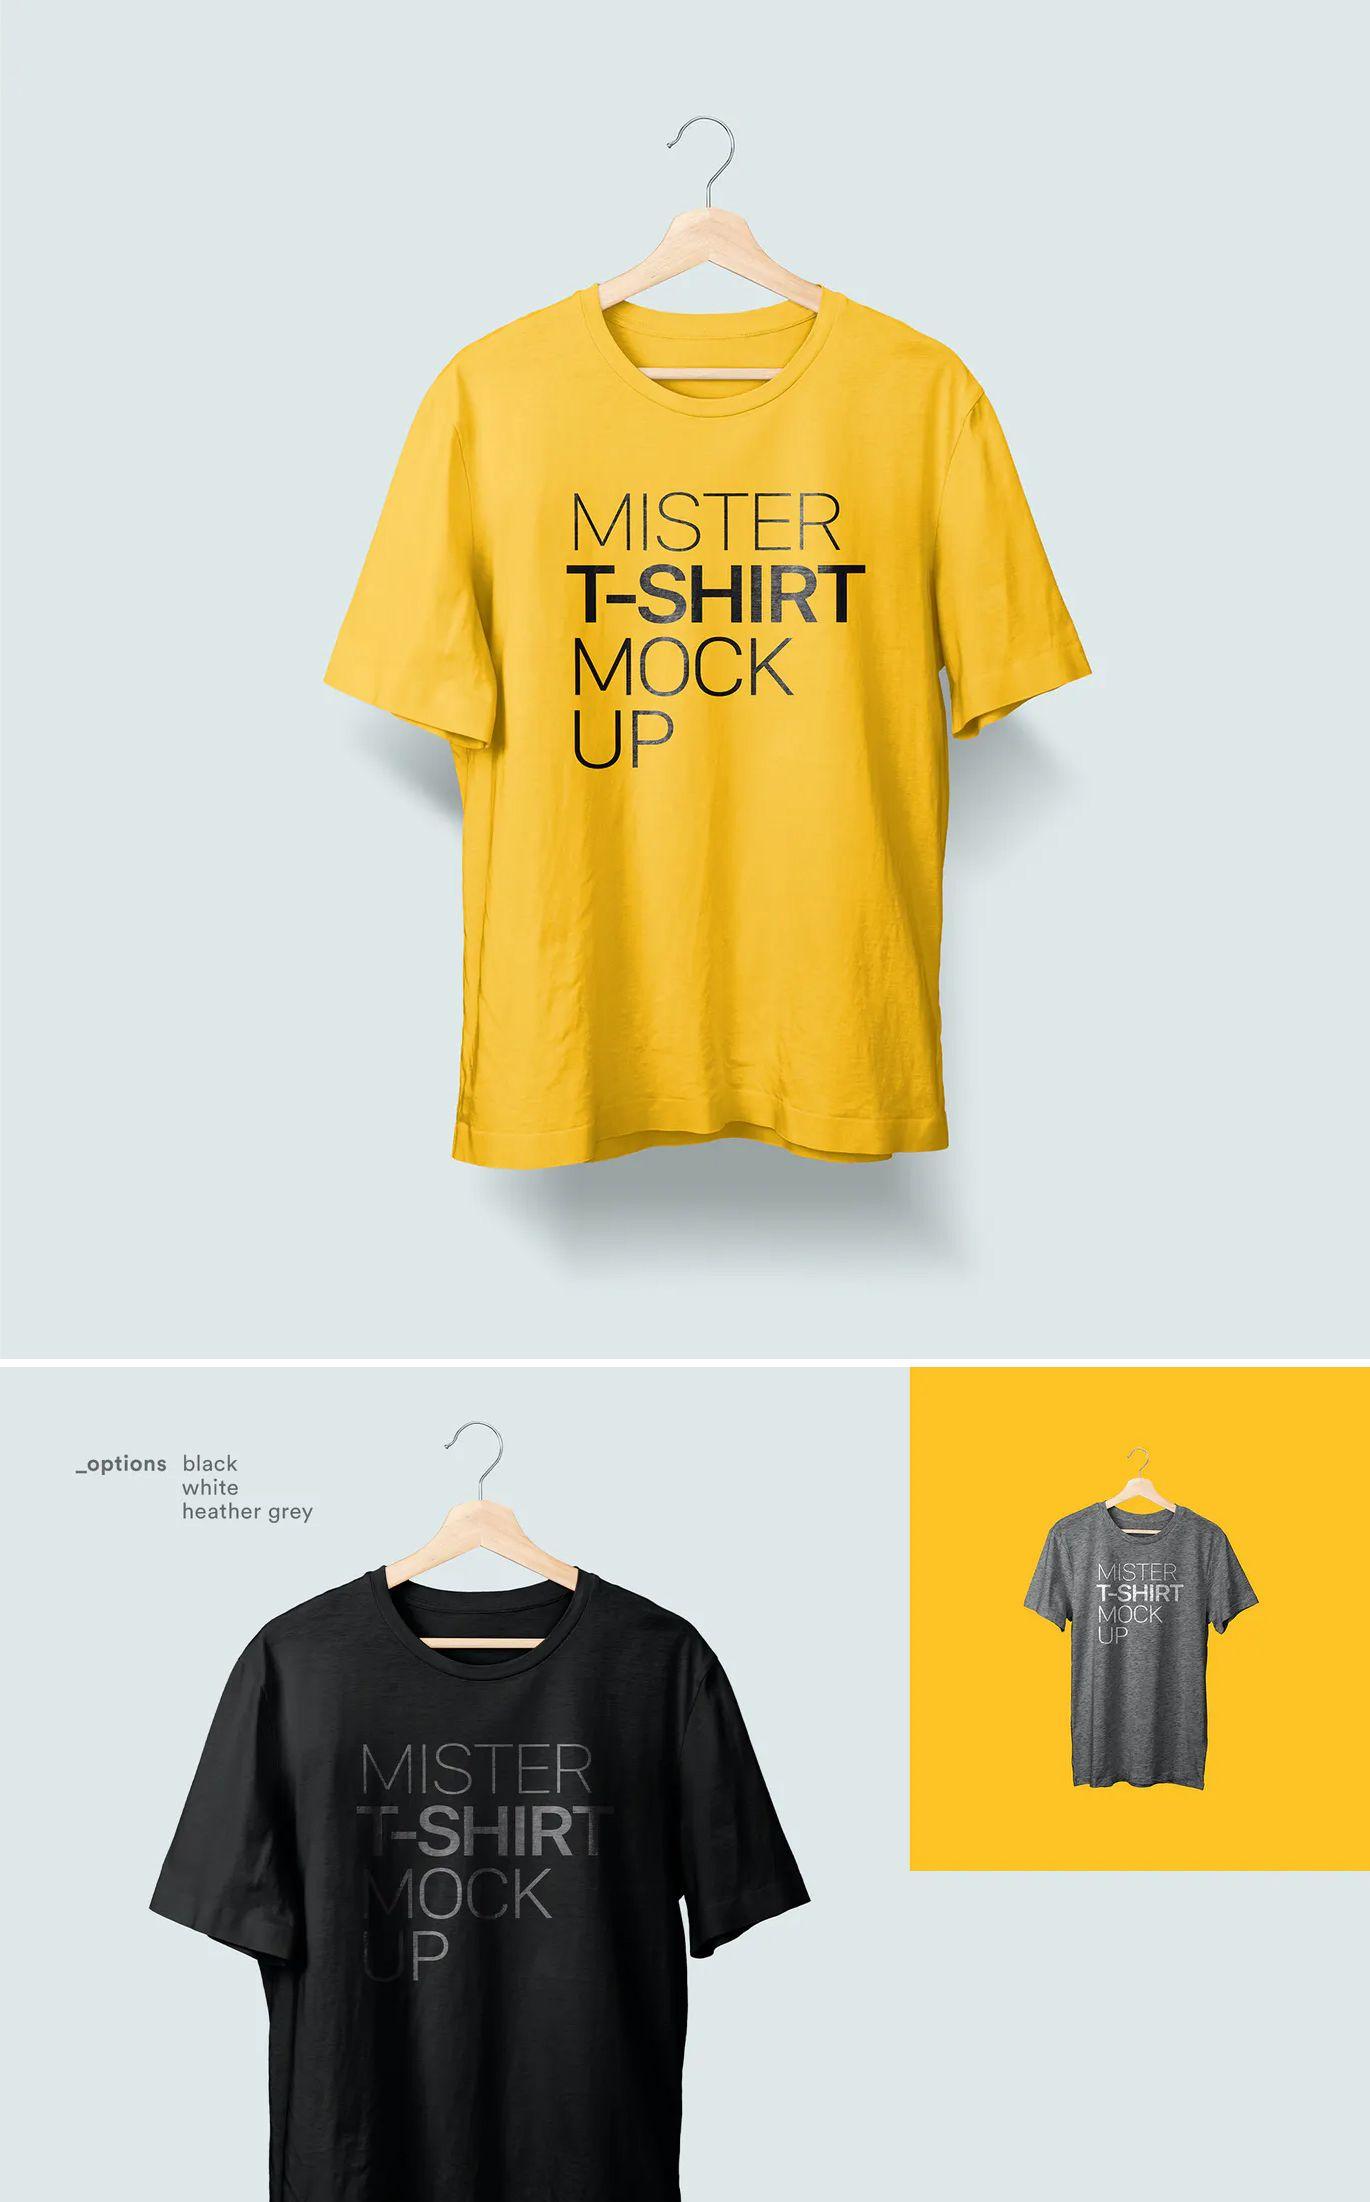 Download T Shirt Mockup Psd Tshirt Mockup Shirt Mockup Shirts